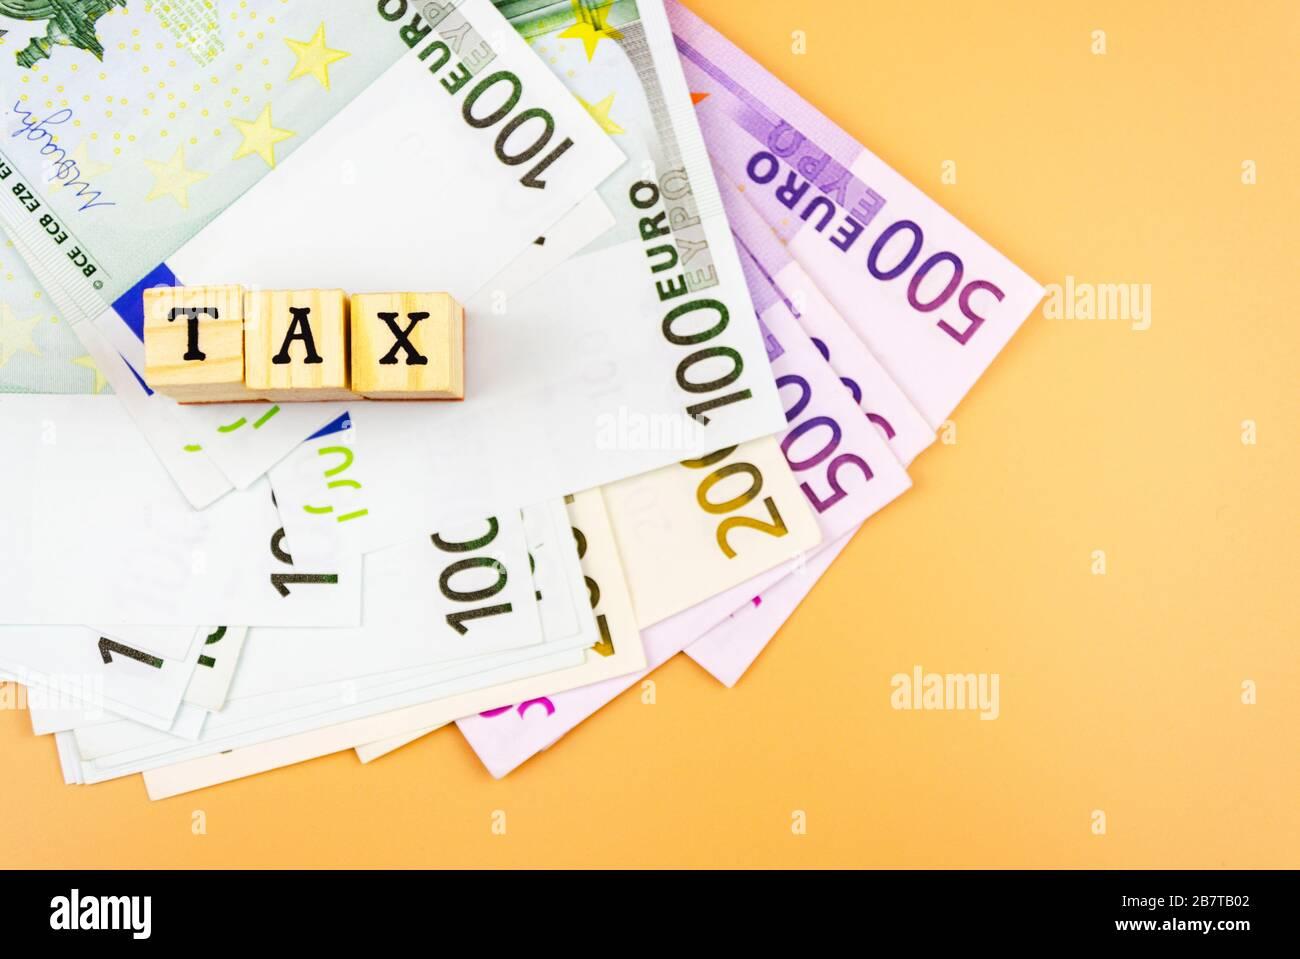 Le mot taxe et la monnaie de l'Union européenne de différentes dénominations sur un fond orange 4 Banque D'Images